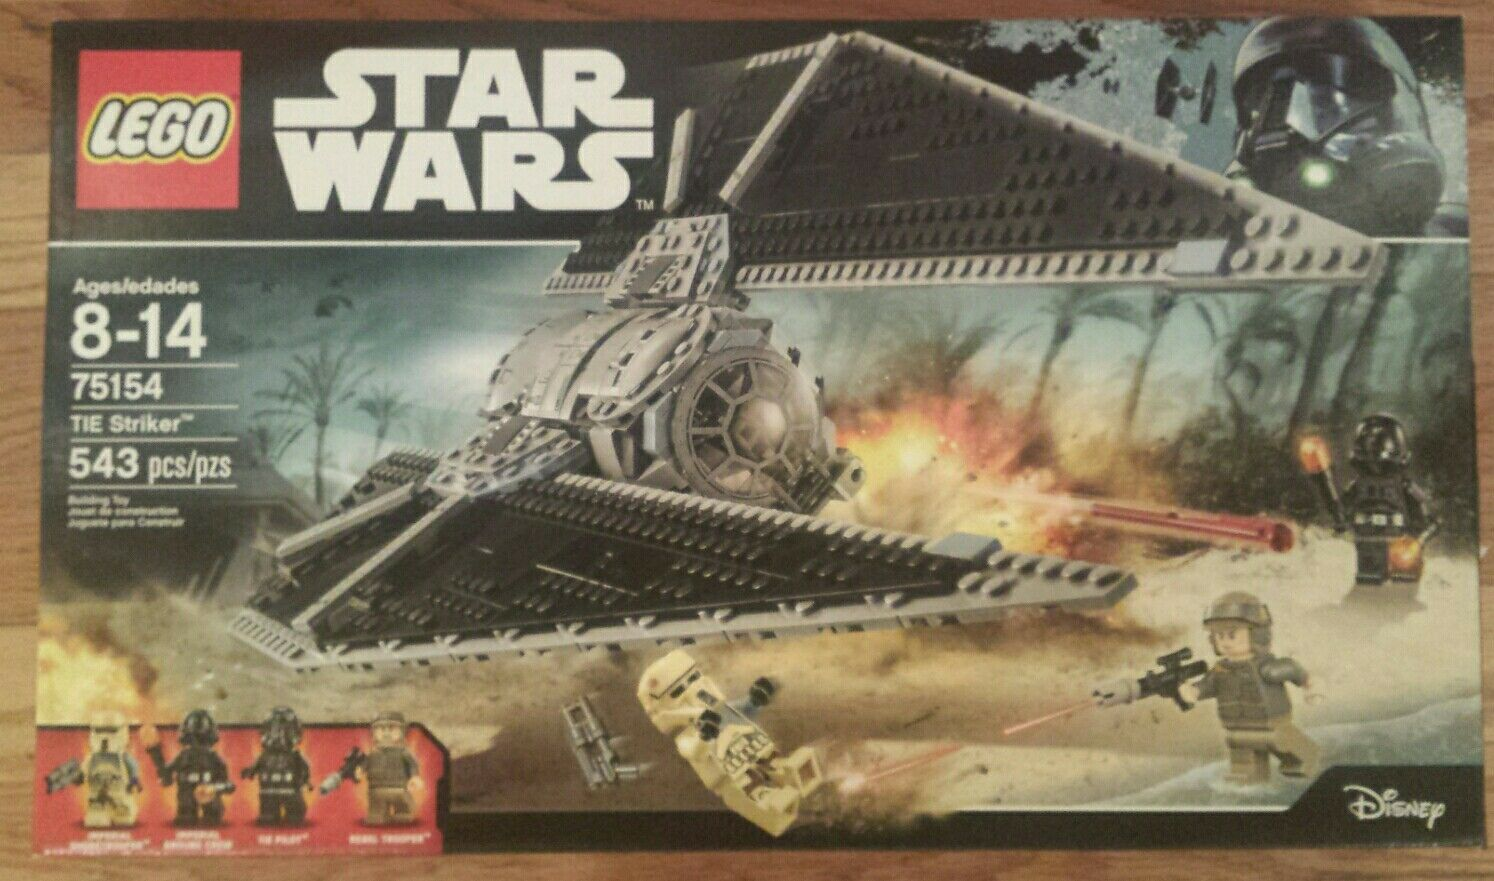 Star Wars  Lego cravate Striker nouveau Shore Trooper Ground Crew Pilot REBEL TROOPER fig  Achetez maintenant